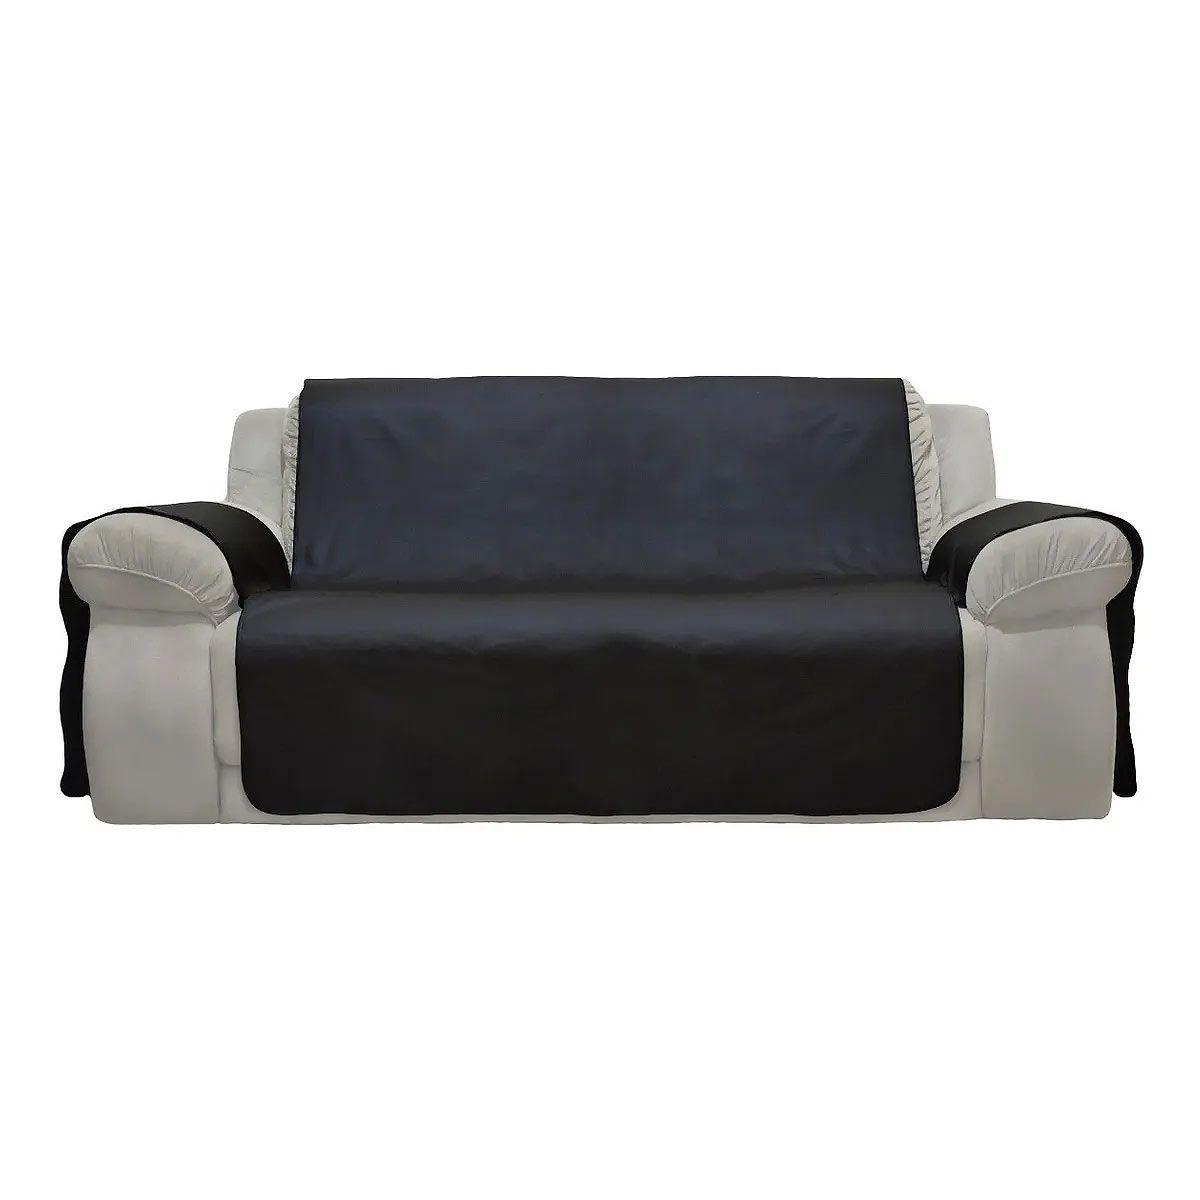 Capa De Luxo Protetora - Em Corino - Para Sofá De 3 Lugares